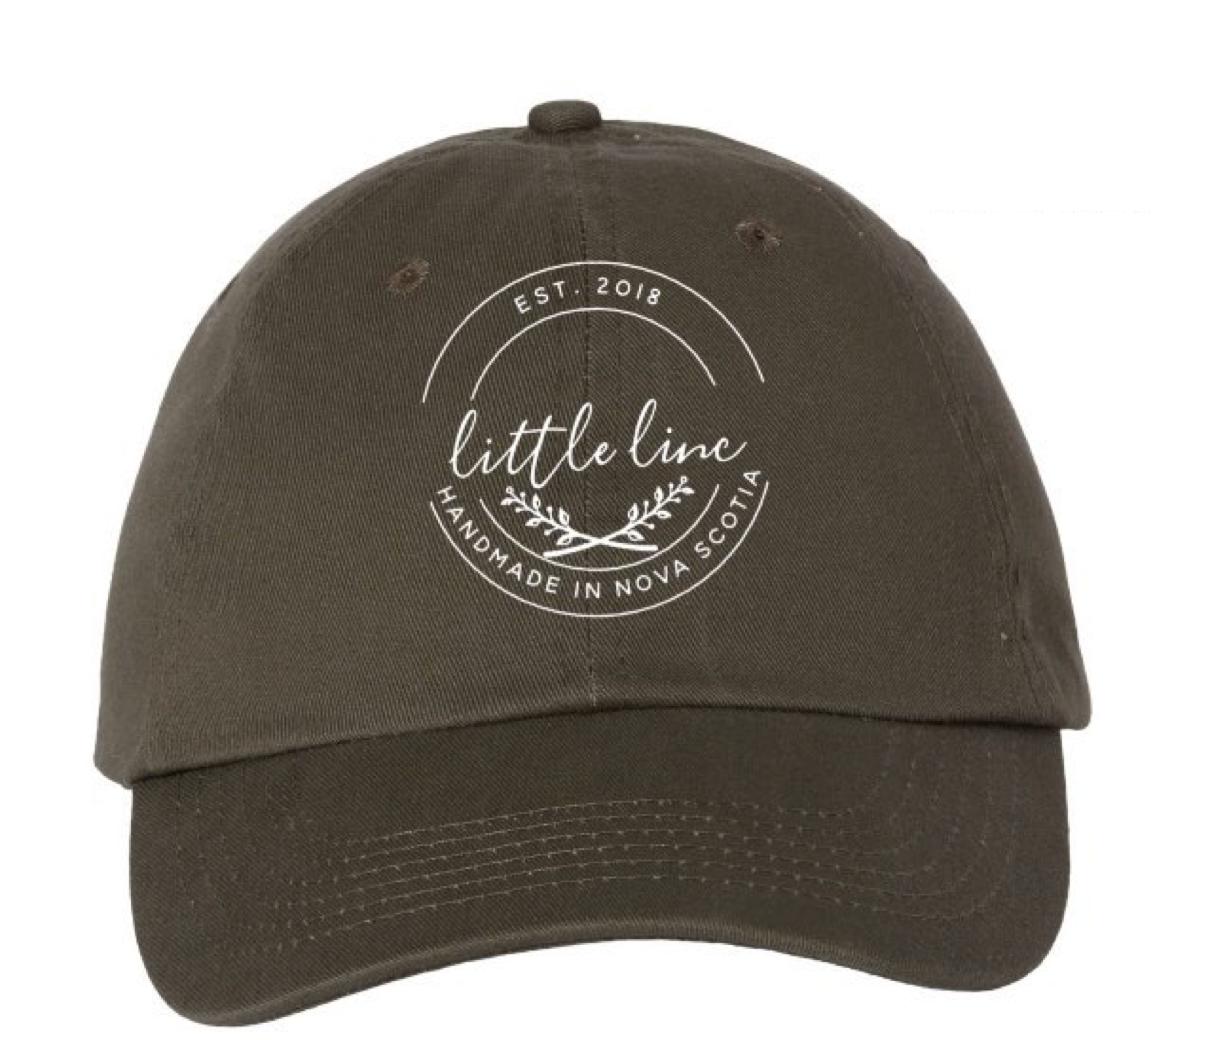 OLIVE DAD HAT